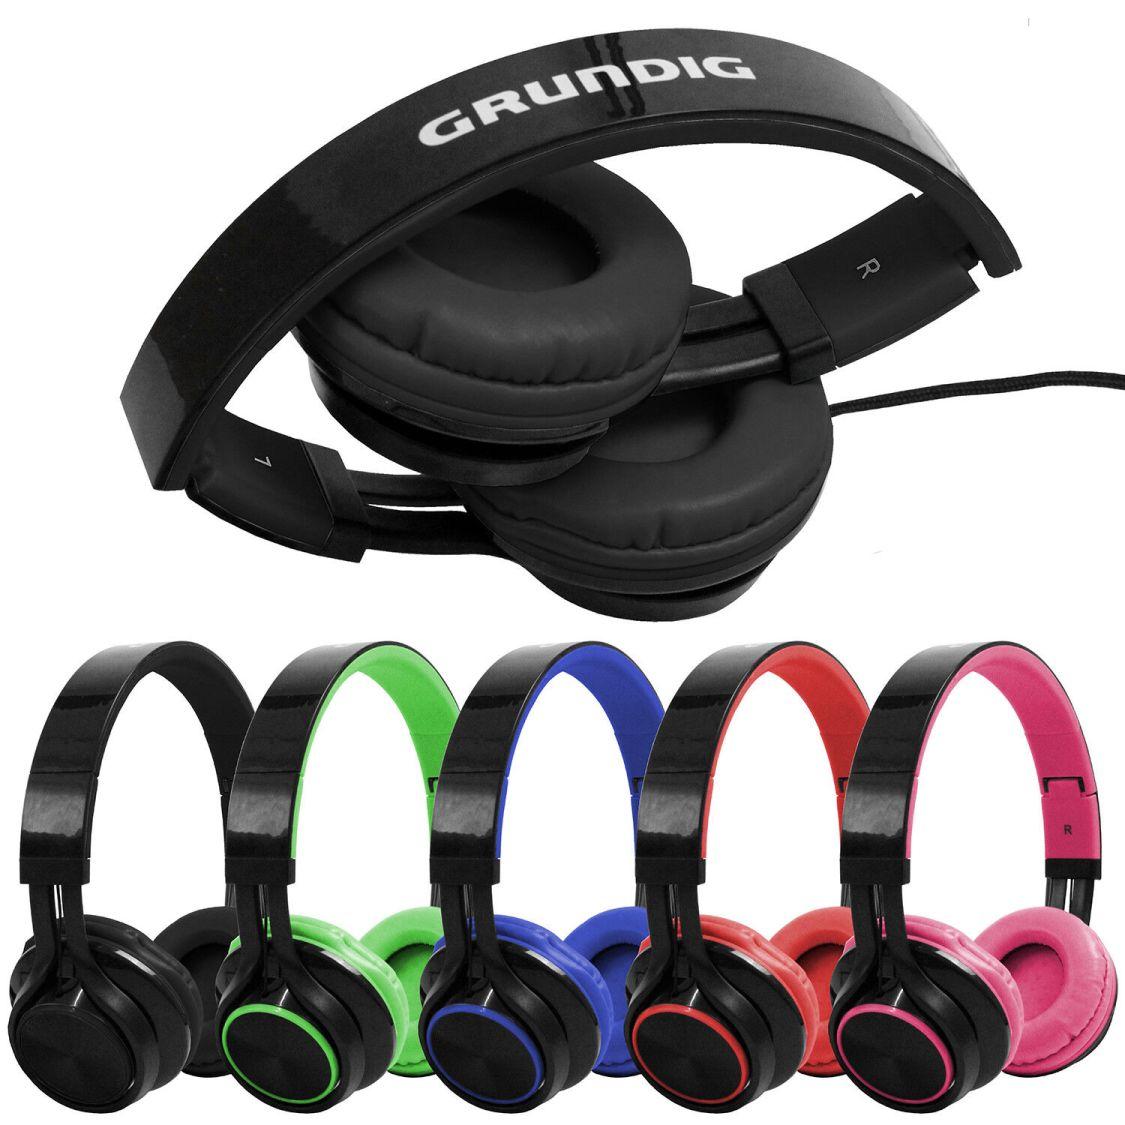 Grundig On Ear Stereo Kopfhörer für Handy Smartphone Tablet Bügelkopfhörer